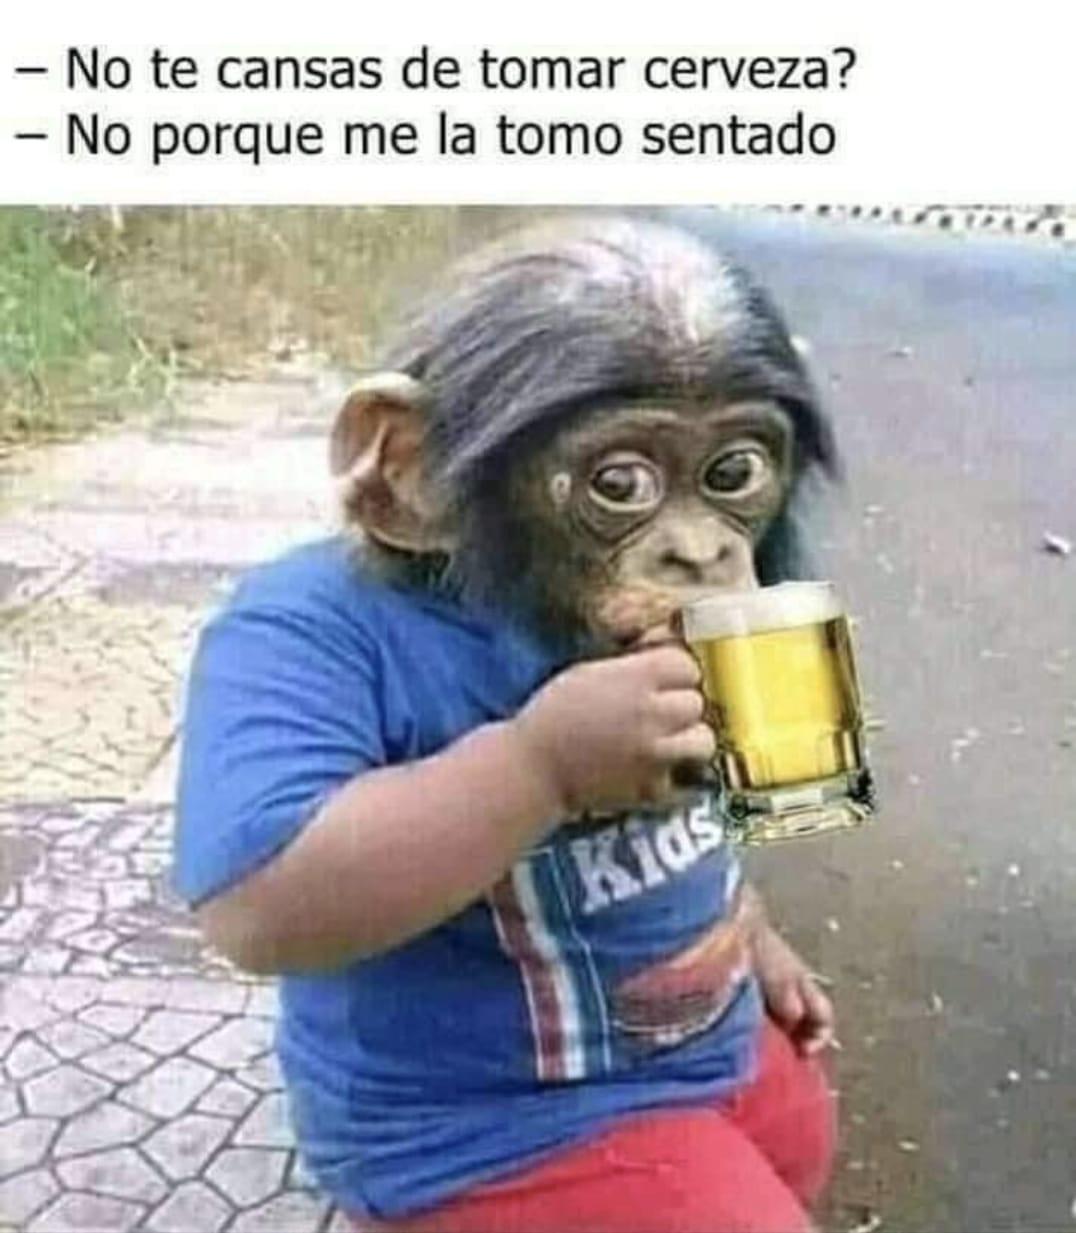 El mono no se cansa de beber cerveza